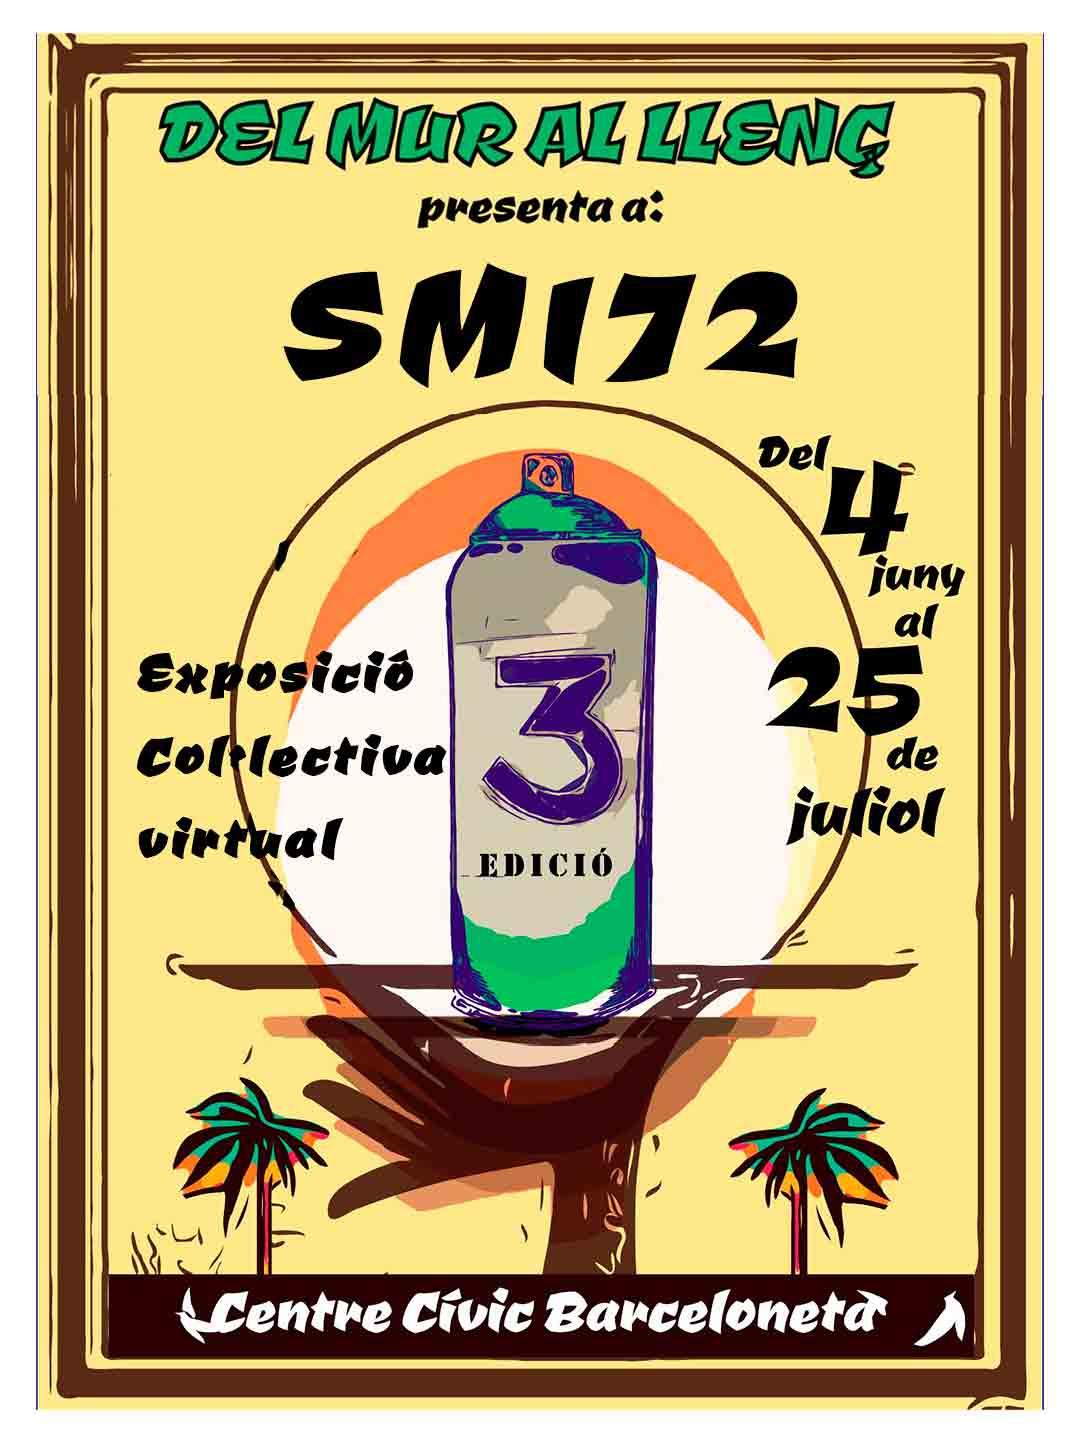 arte urbano SM172 entrevista de arte